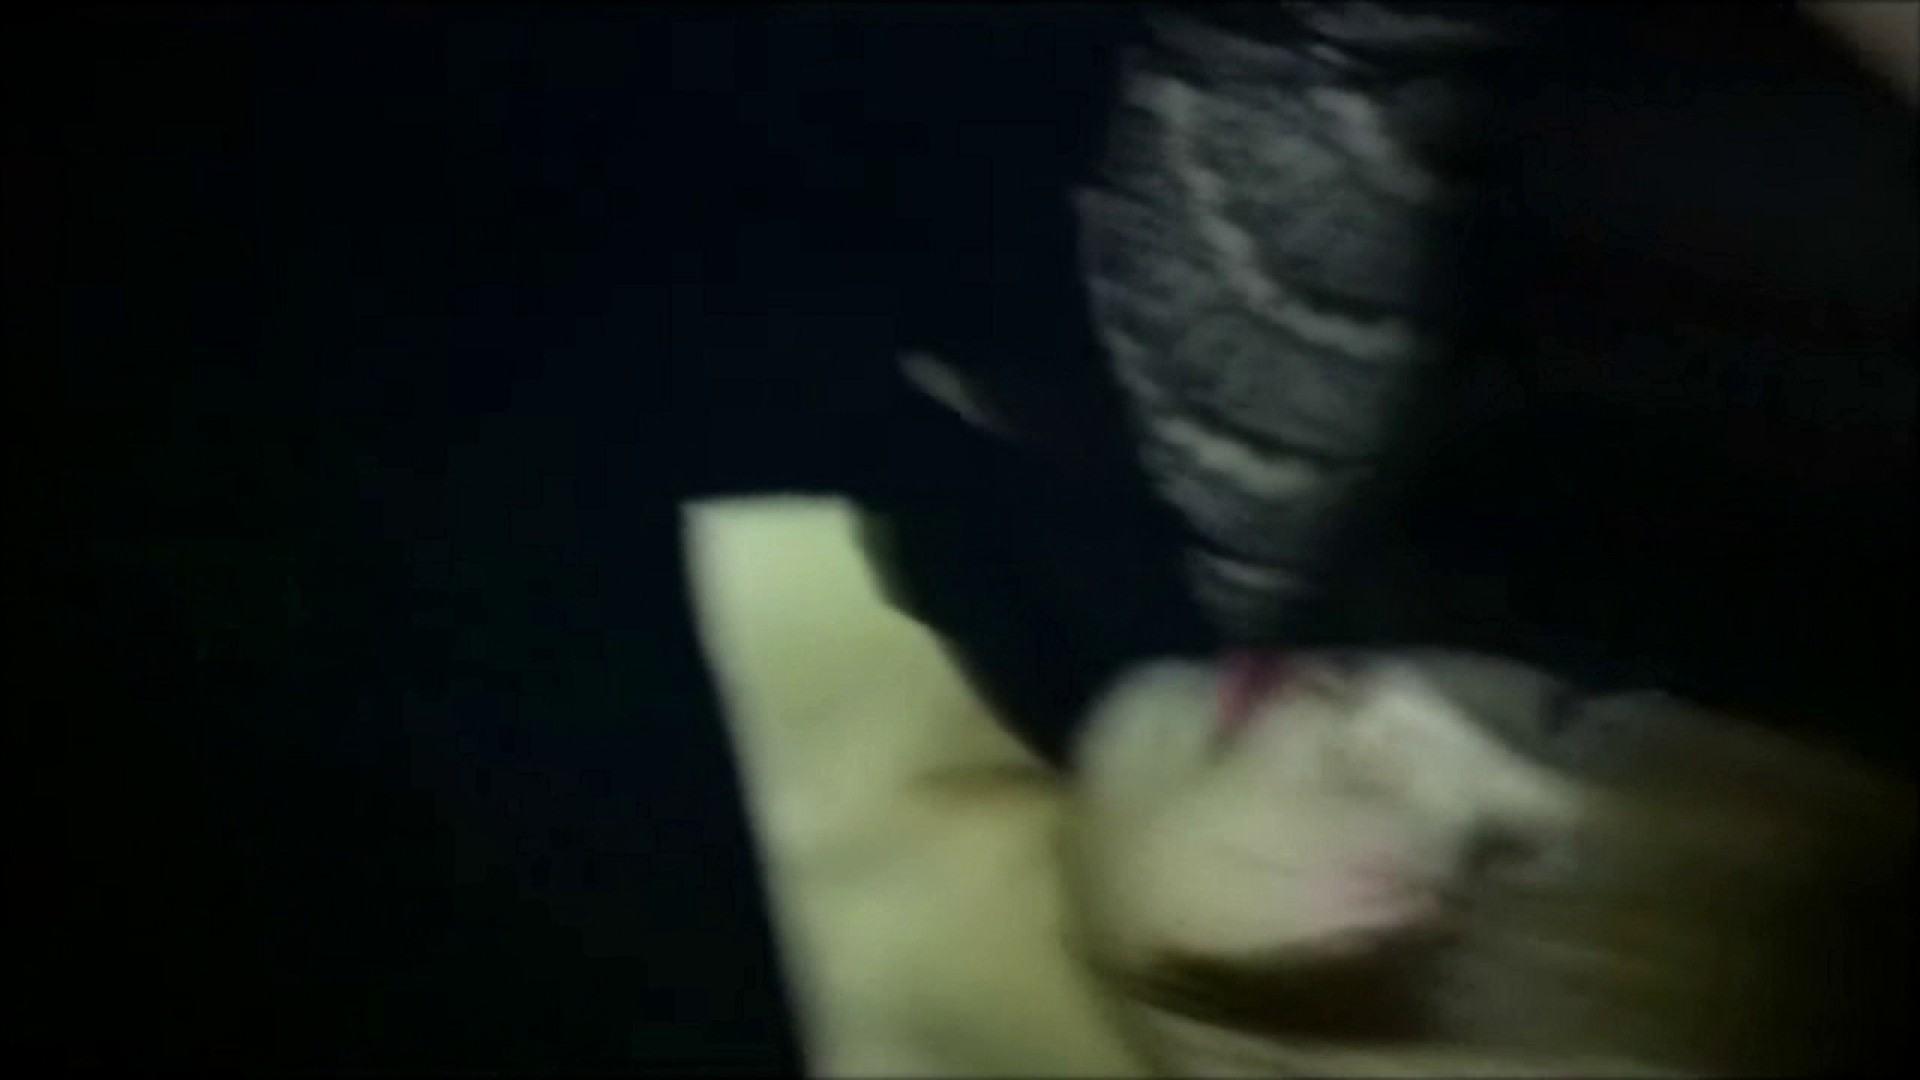 魔術師の お・も・て・な・し vol.05 21歳 美乳にイタズラ 美乳 ヌード画像 91pic 2